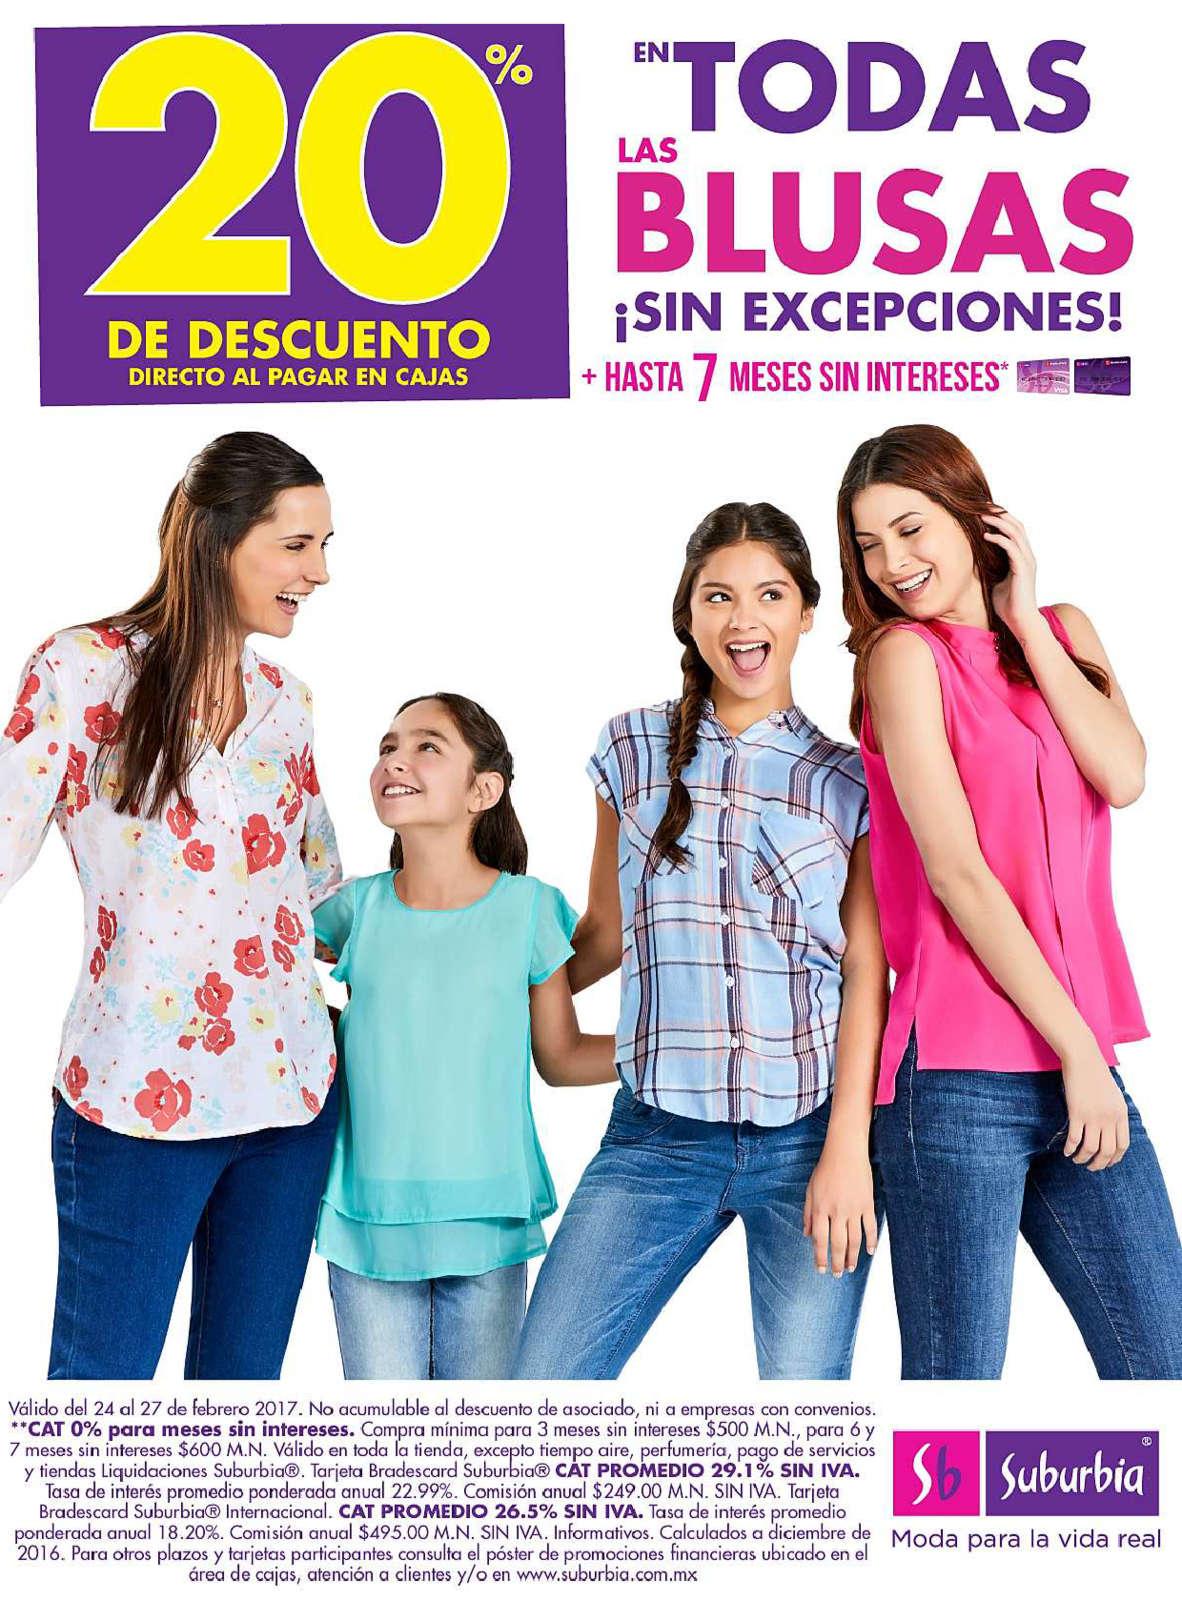 Suburbia: 20% de Descuento en todas las blusas sin excepciones + MSI